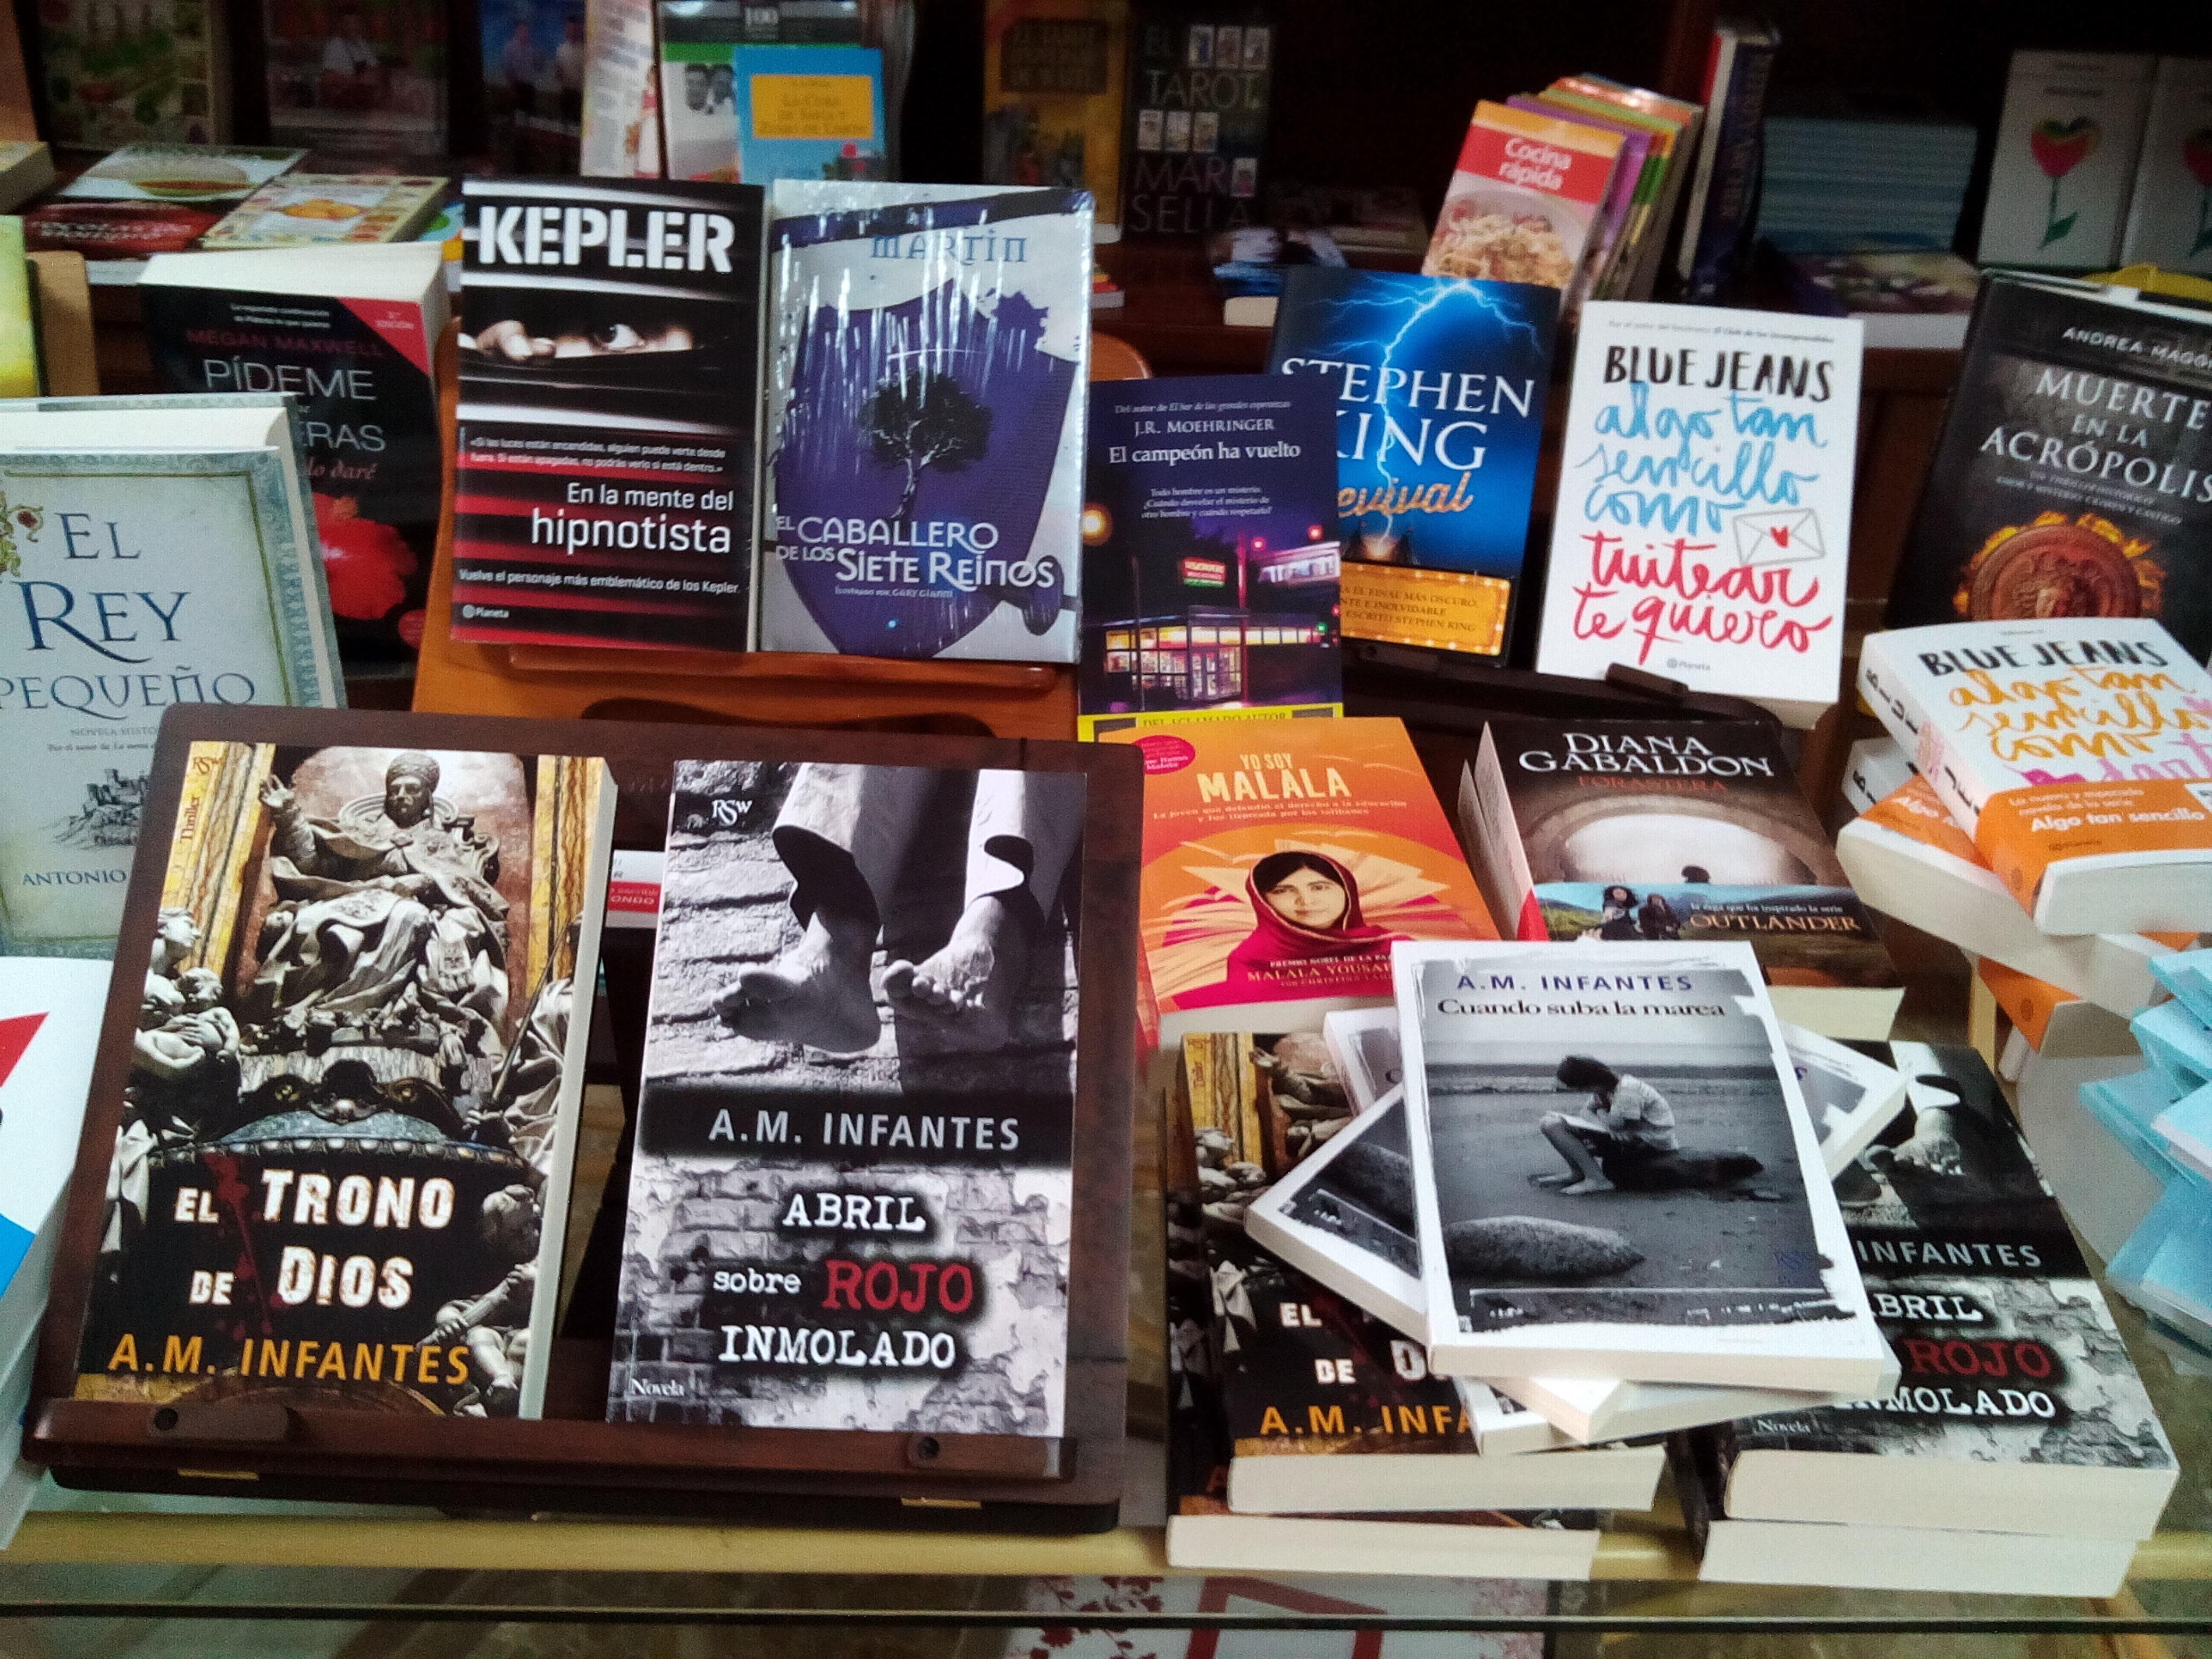 A.M. Infantes - Libreria Atril Junio 2016 (3).jpg